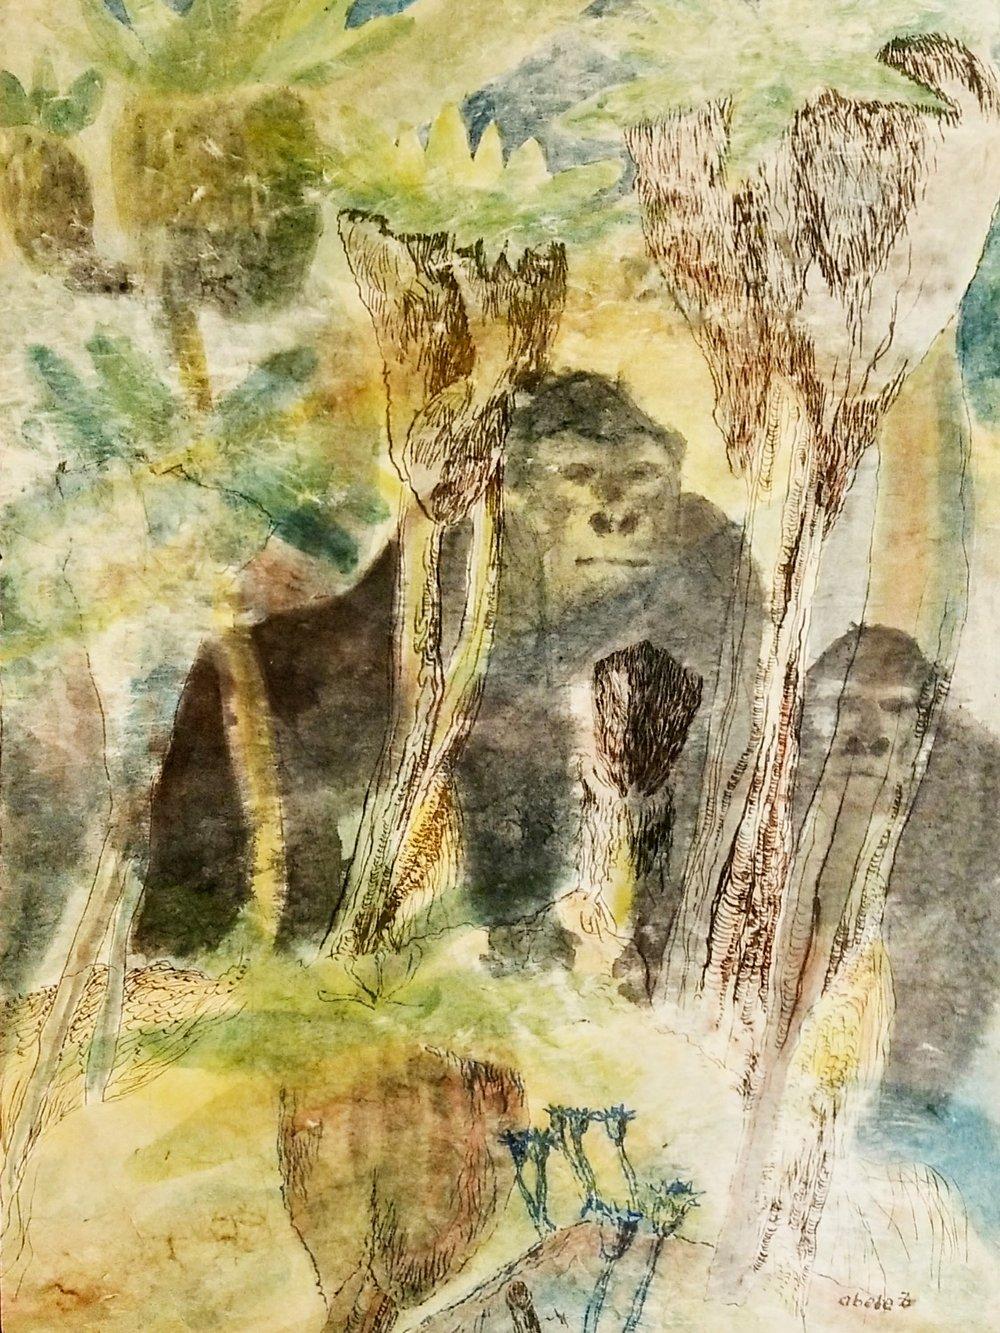 Gorillas im Hochland vom Kongo / Gorillas in the Highlands of Congo